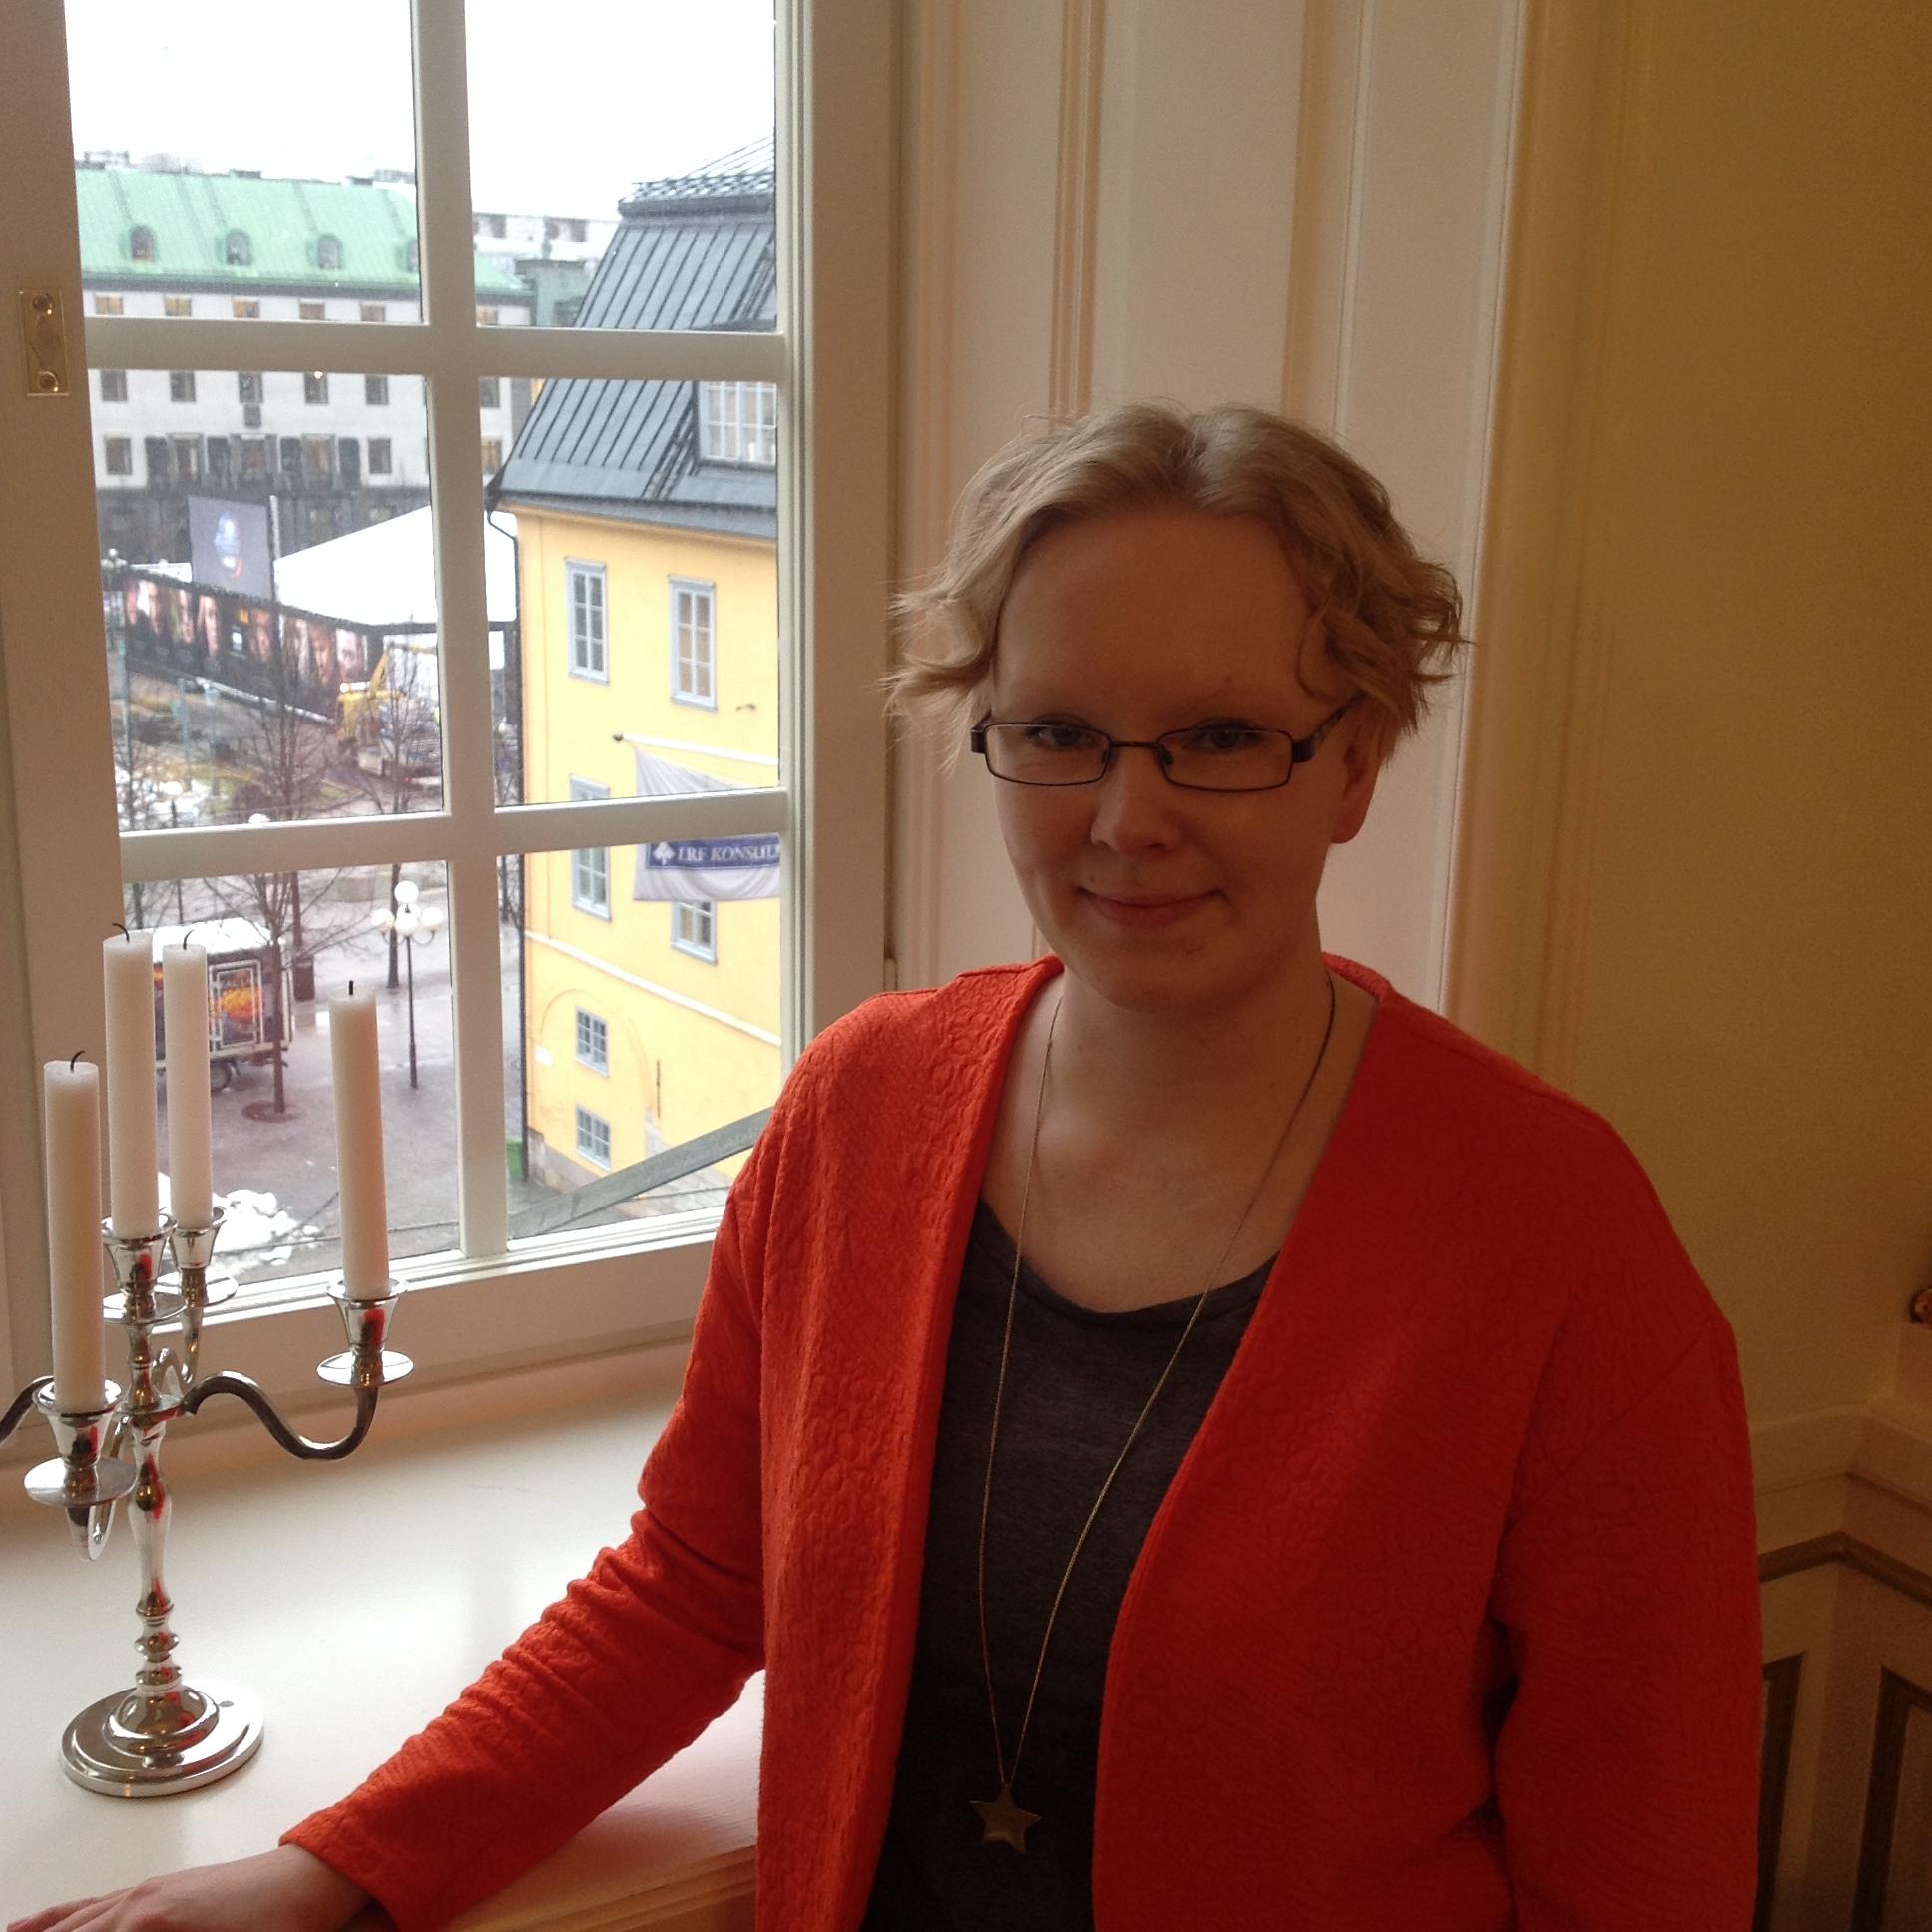 Bloggaaja seikkailee: Game of Thrones -näyttelyn avajaiset Tukholmassa